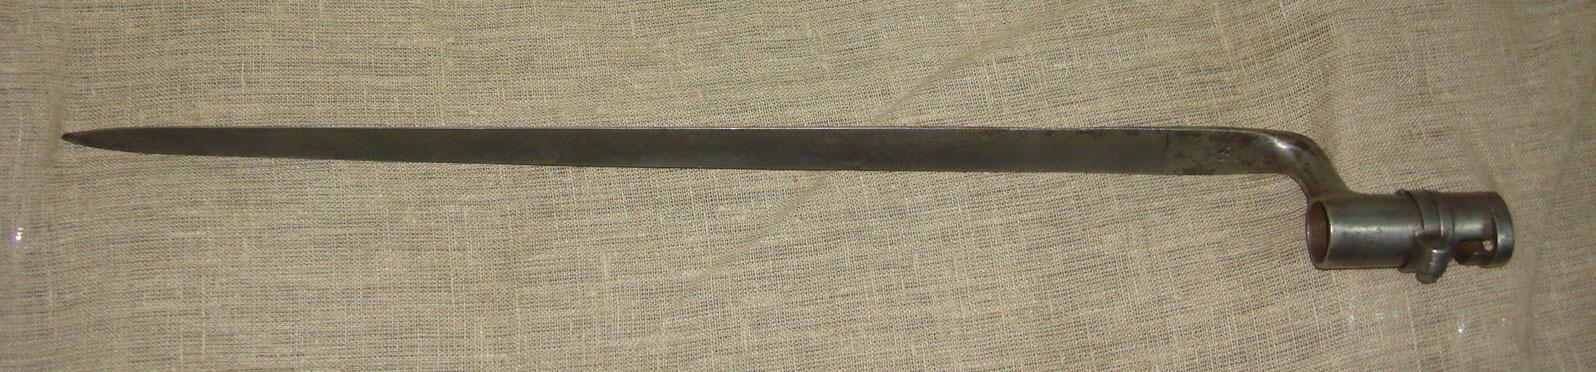 Штык русский к пехотному ружью образца1852 года, клеймо тульского оружейного завода